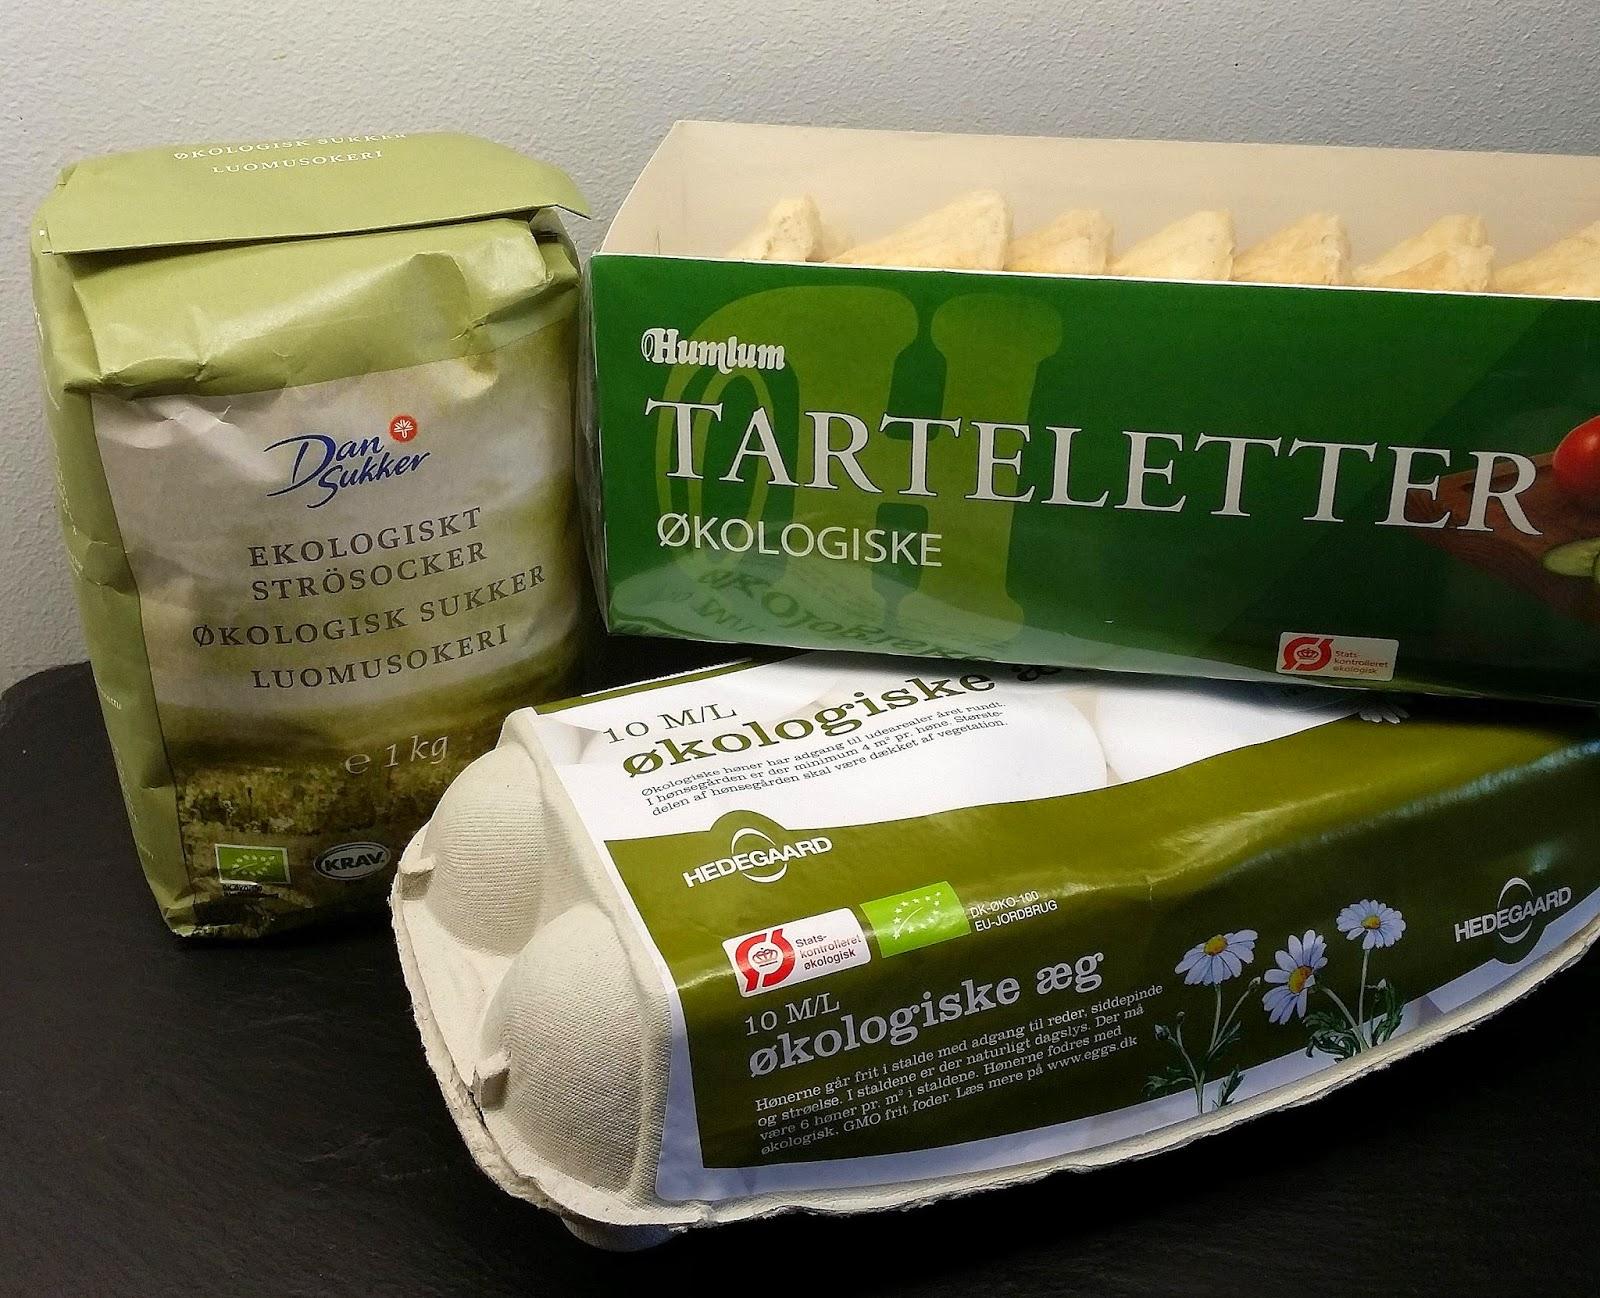 Klidmoster.dk: Fastelavns-tarteletter med hindbær og limeflødecreme...